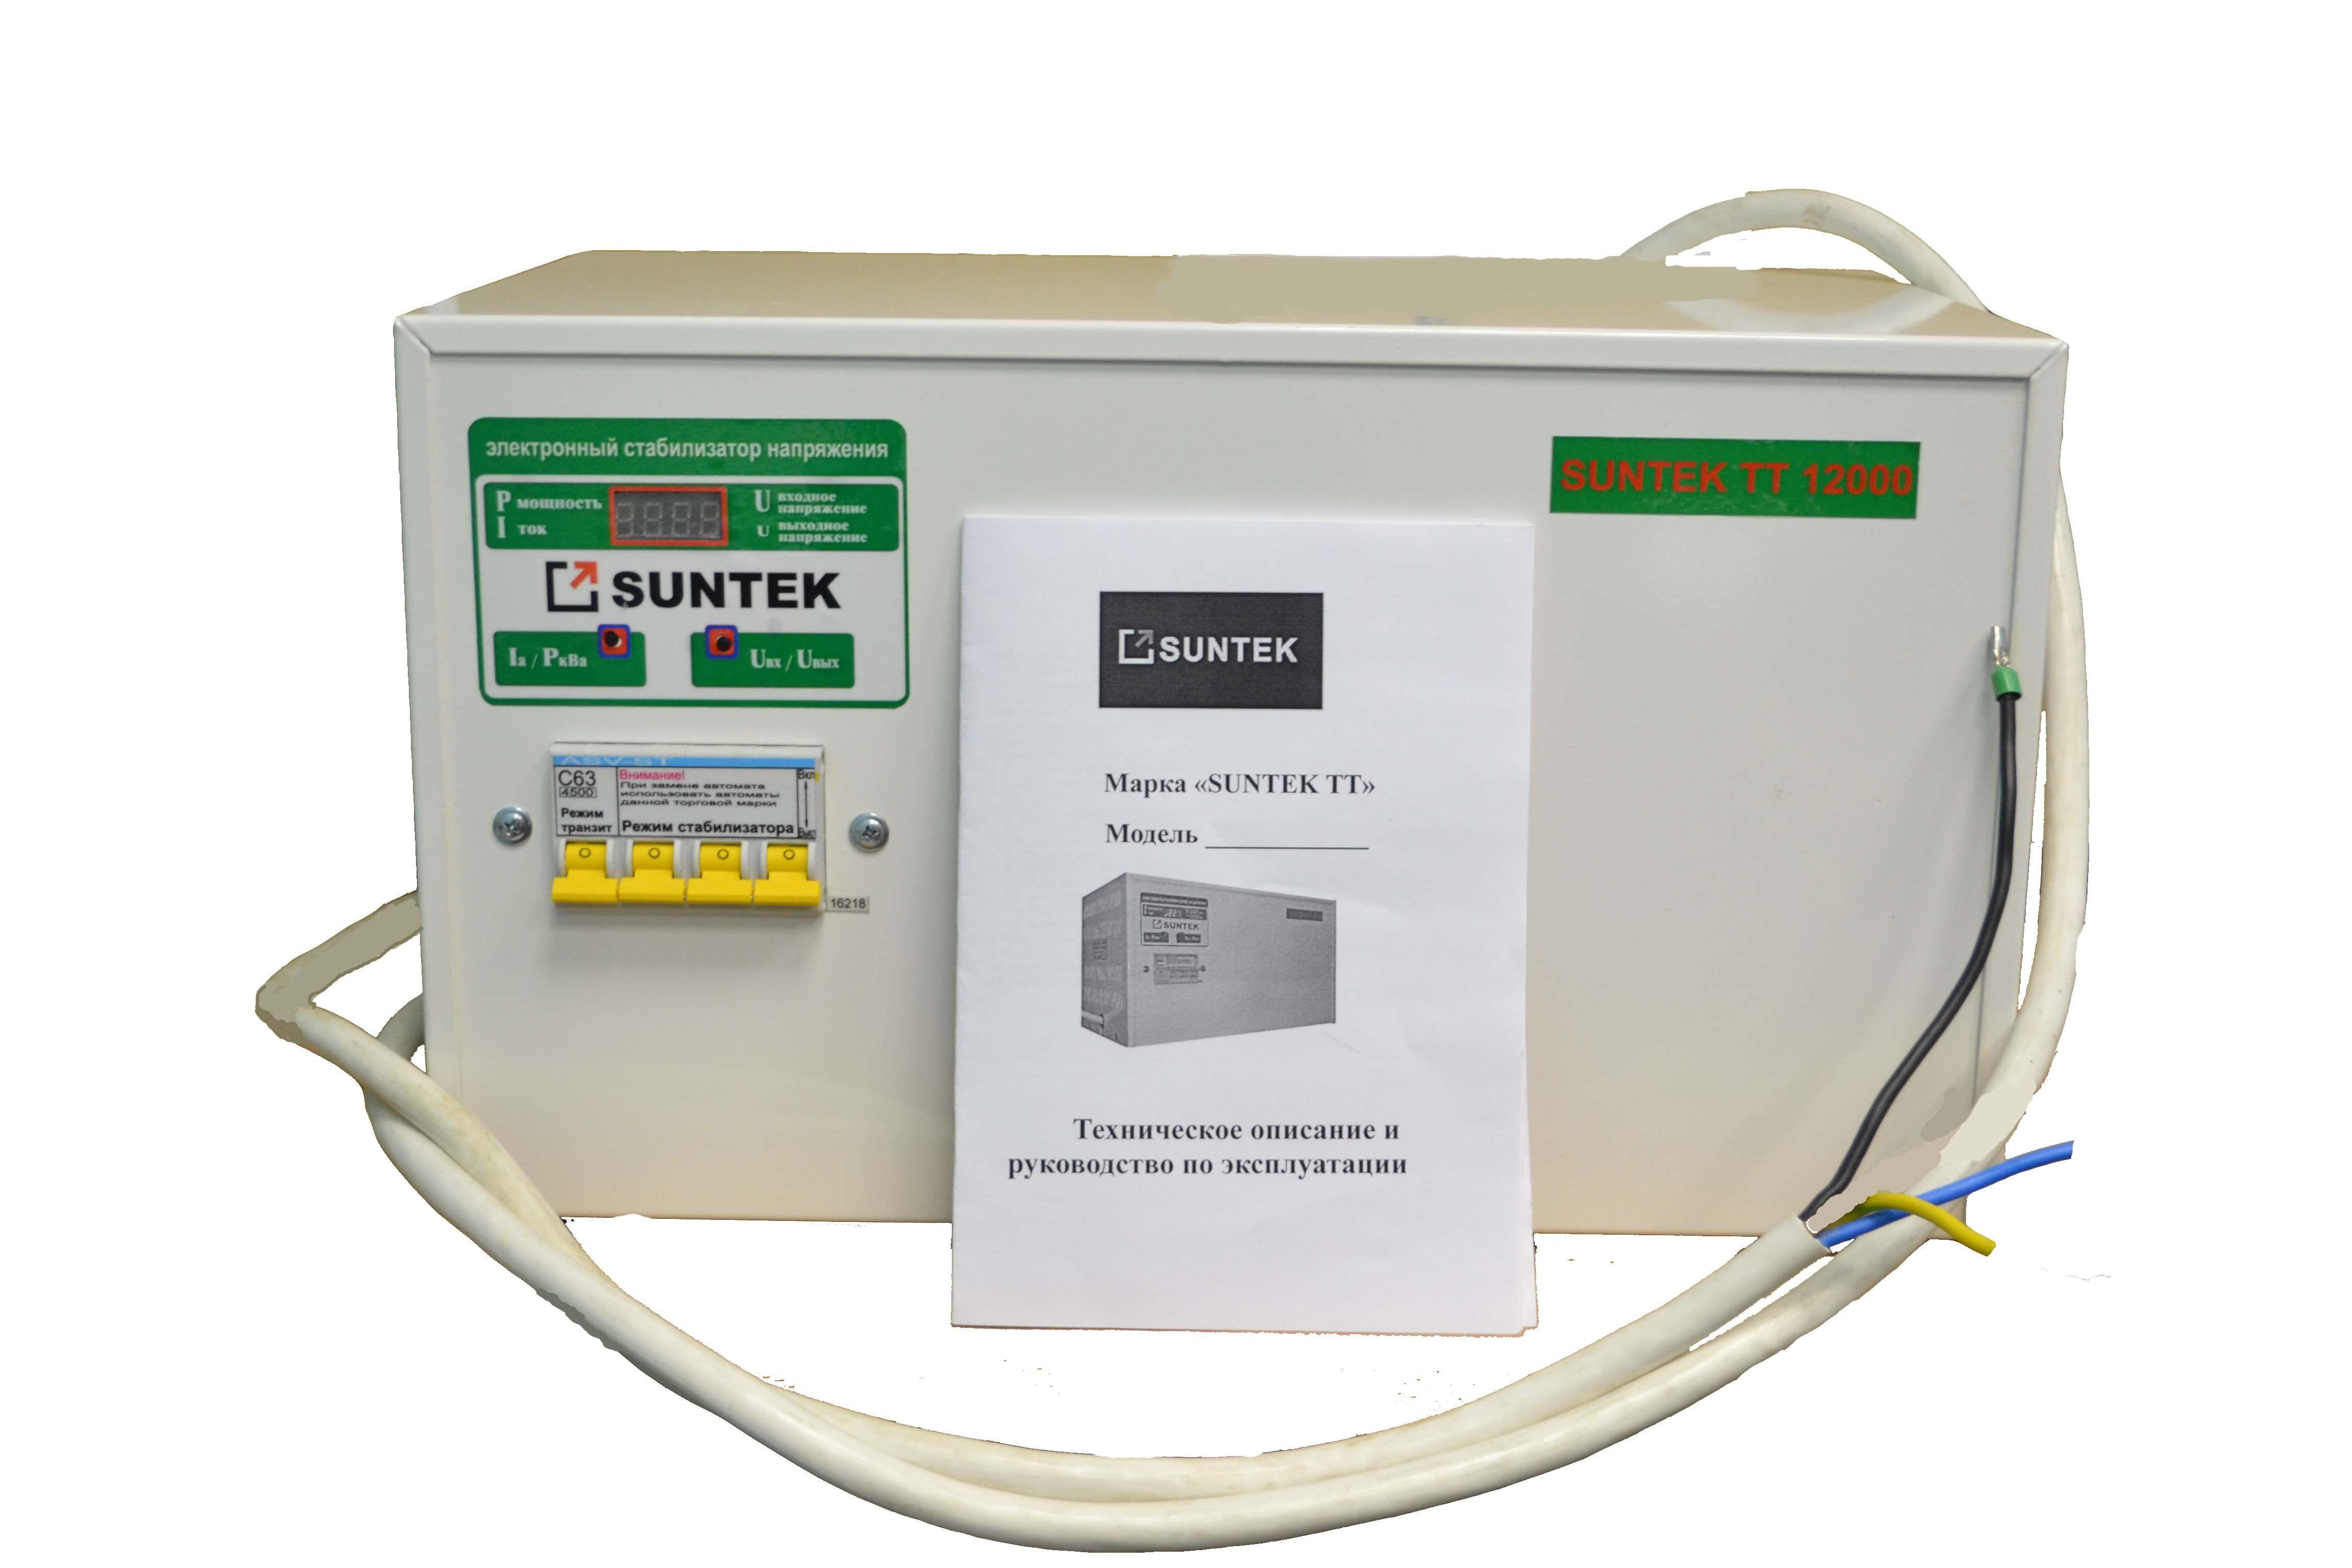 Стабилизатор напряжения симисторный (тиристорный)  SUNTEK ТТ 20000 ВА 130-270 Вольт